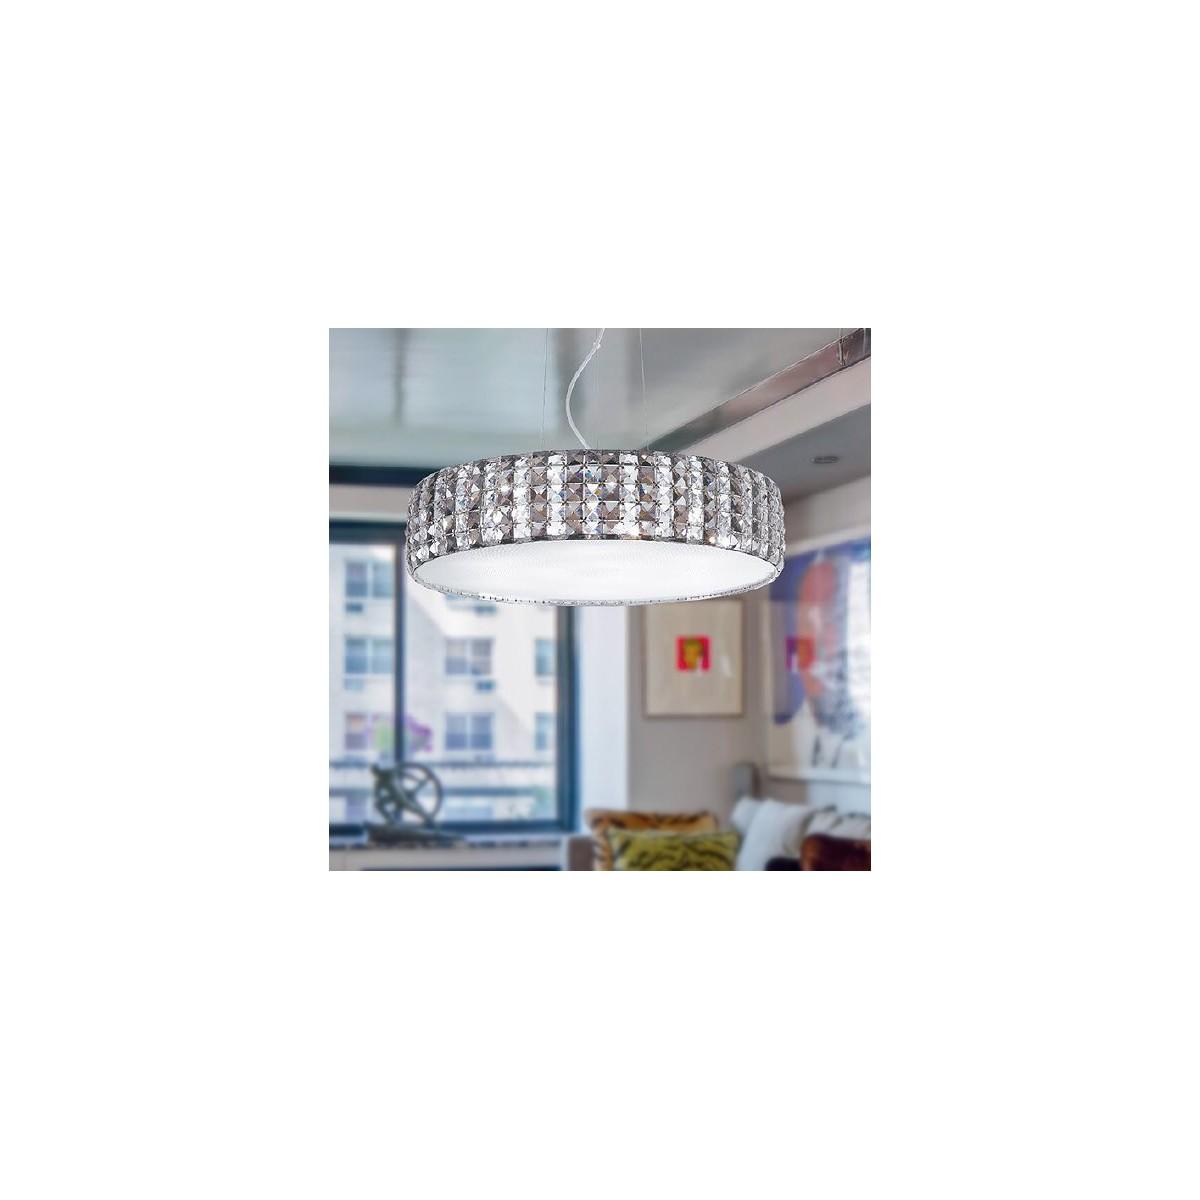 I-TANGO/S55 - Lampadario Sospensione Circolare Cristalli K9 diffusore Vetro Moderno G9